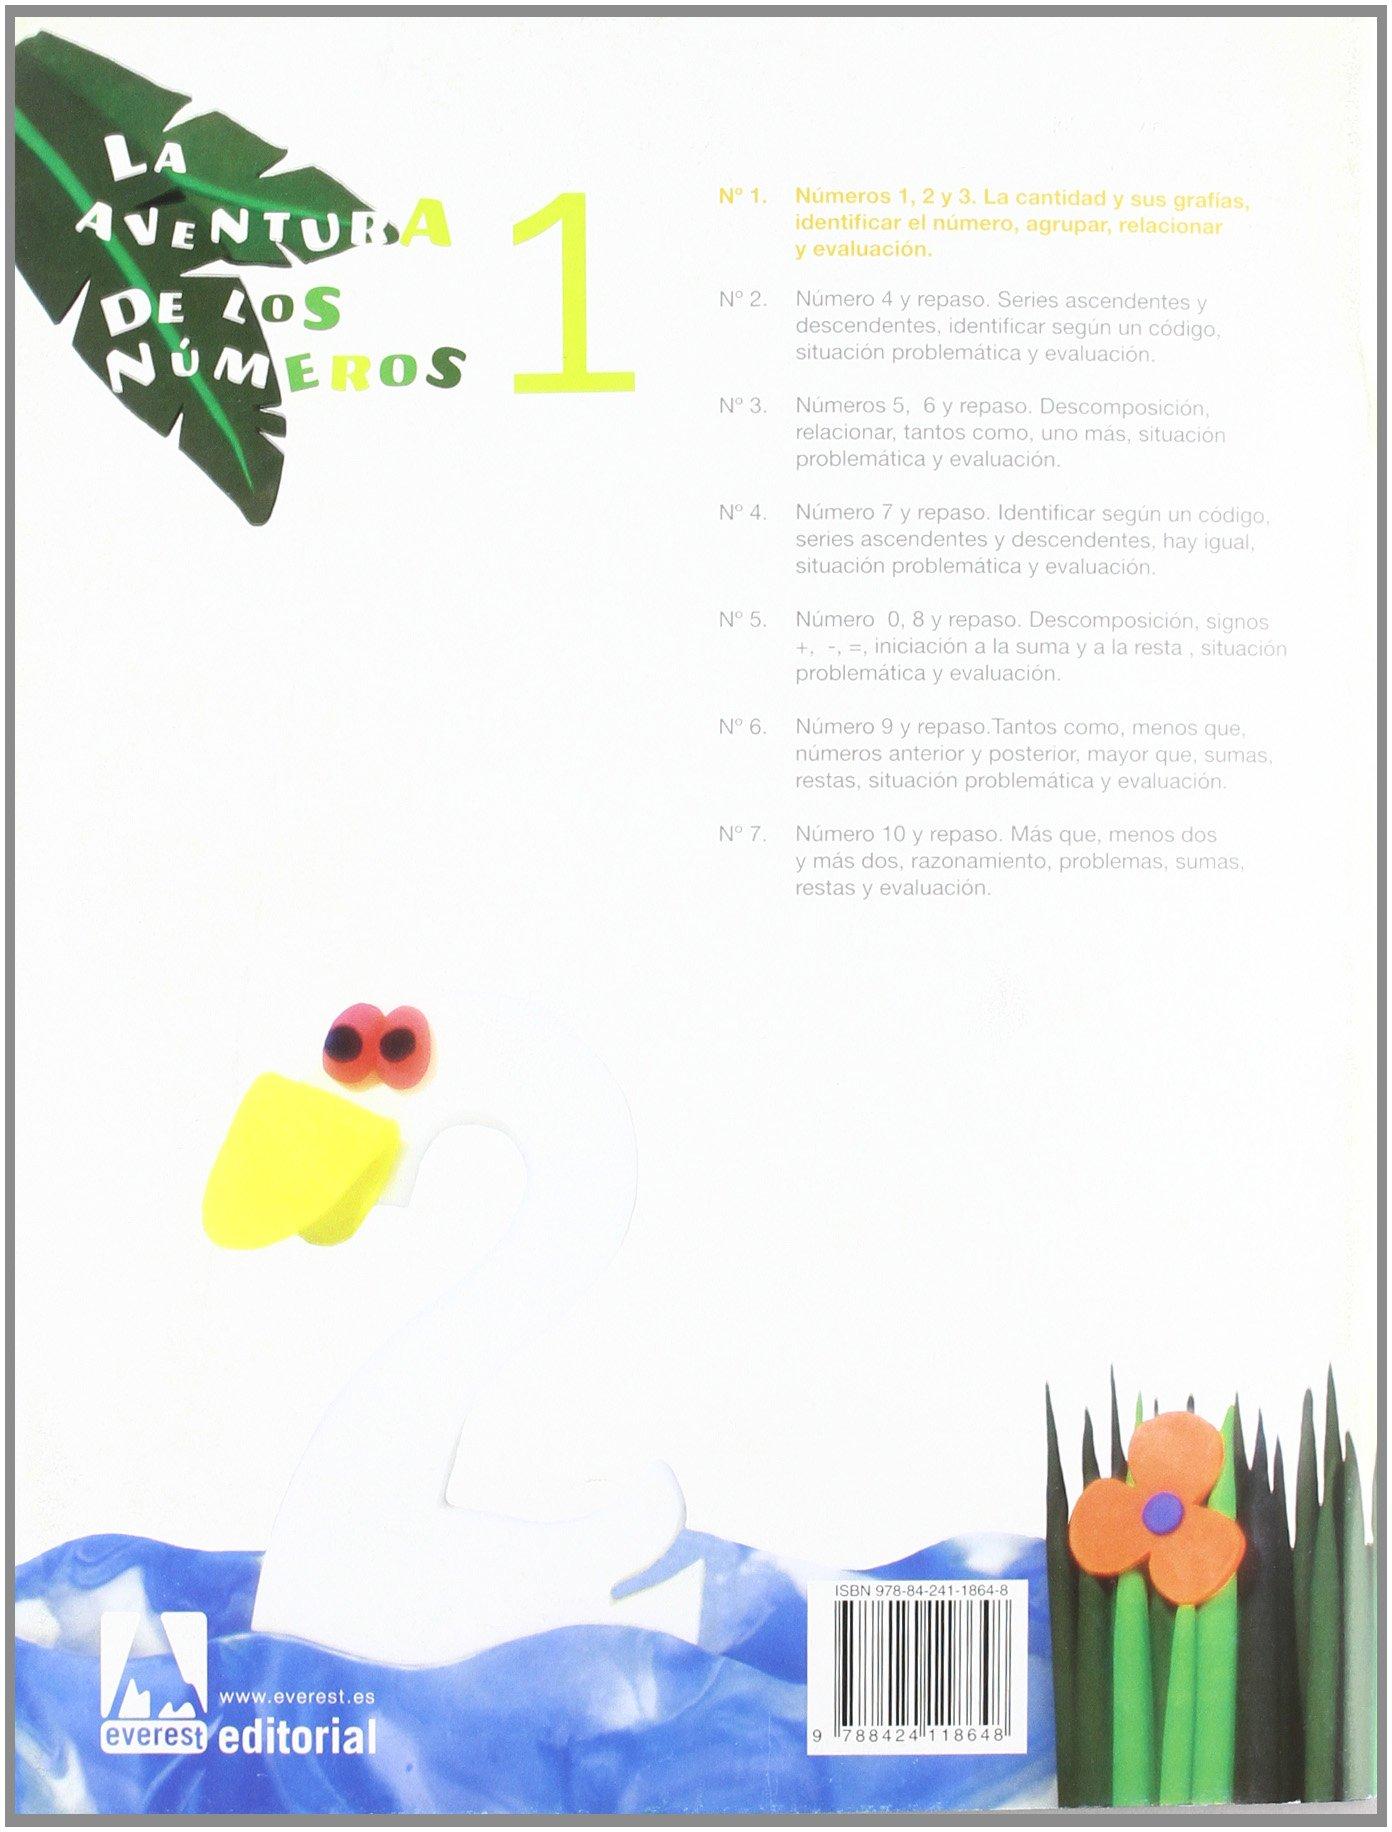 La aventura de los números 1 - 9788424118648: Amazon.es: Díez Torío Ana  María, Estébanez Estébanez Aurora, Calvo Rojo María del Carmen: Libros